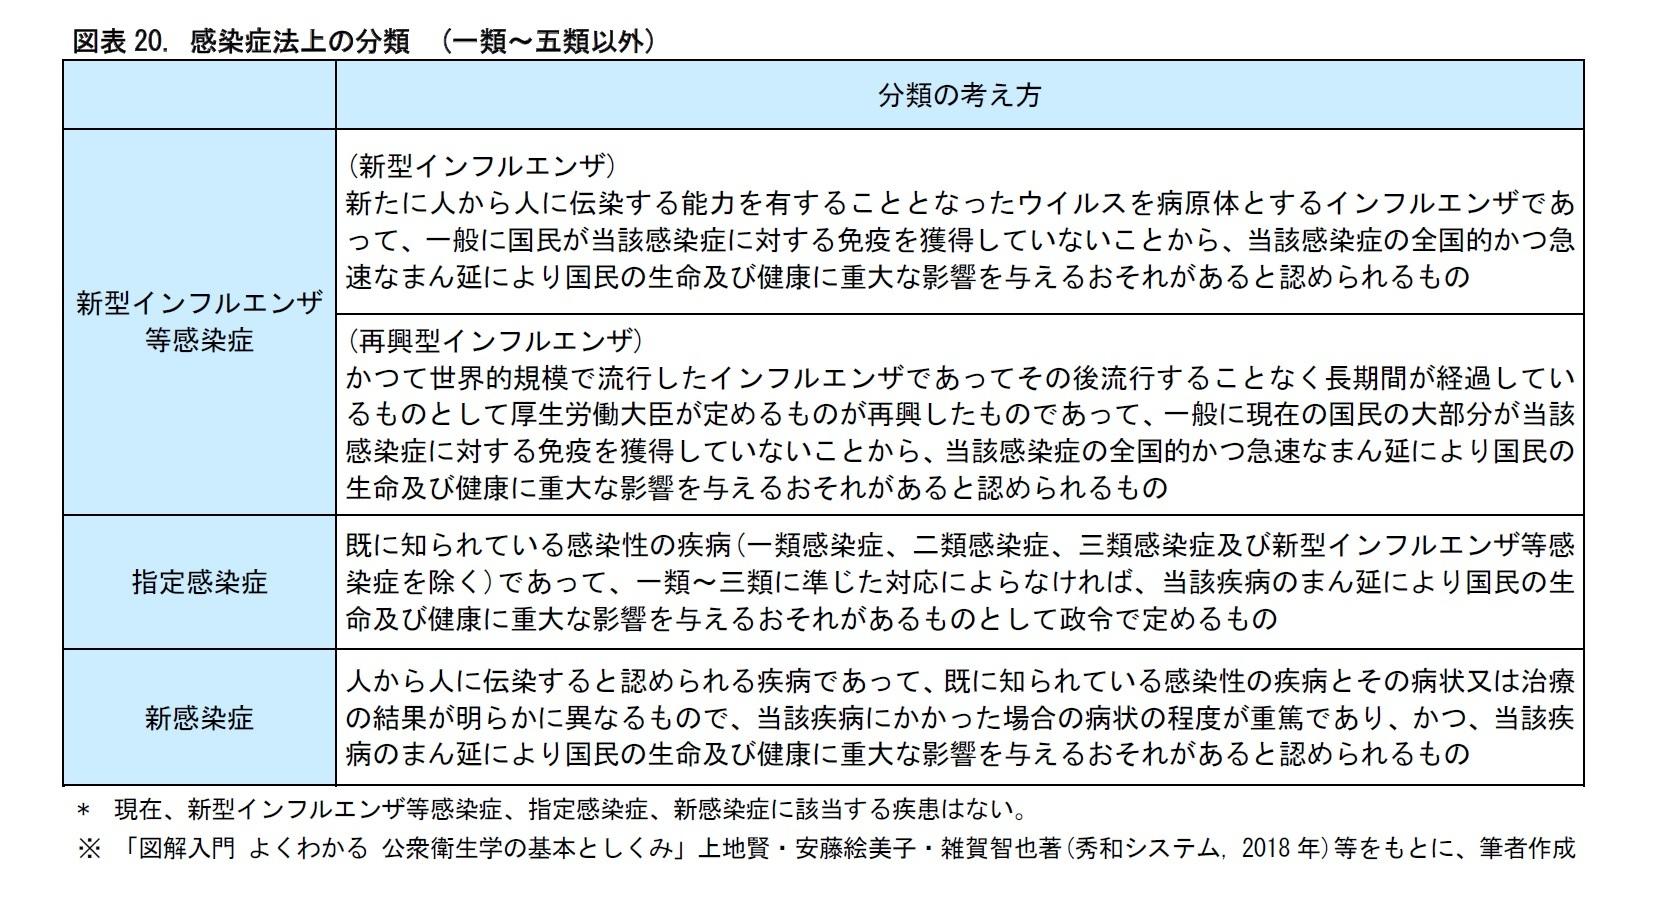 図表20. 感染症法上の分類 (一類~五類以外)